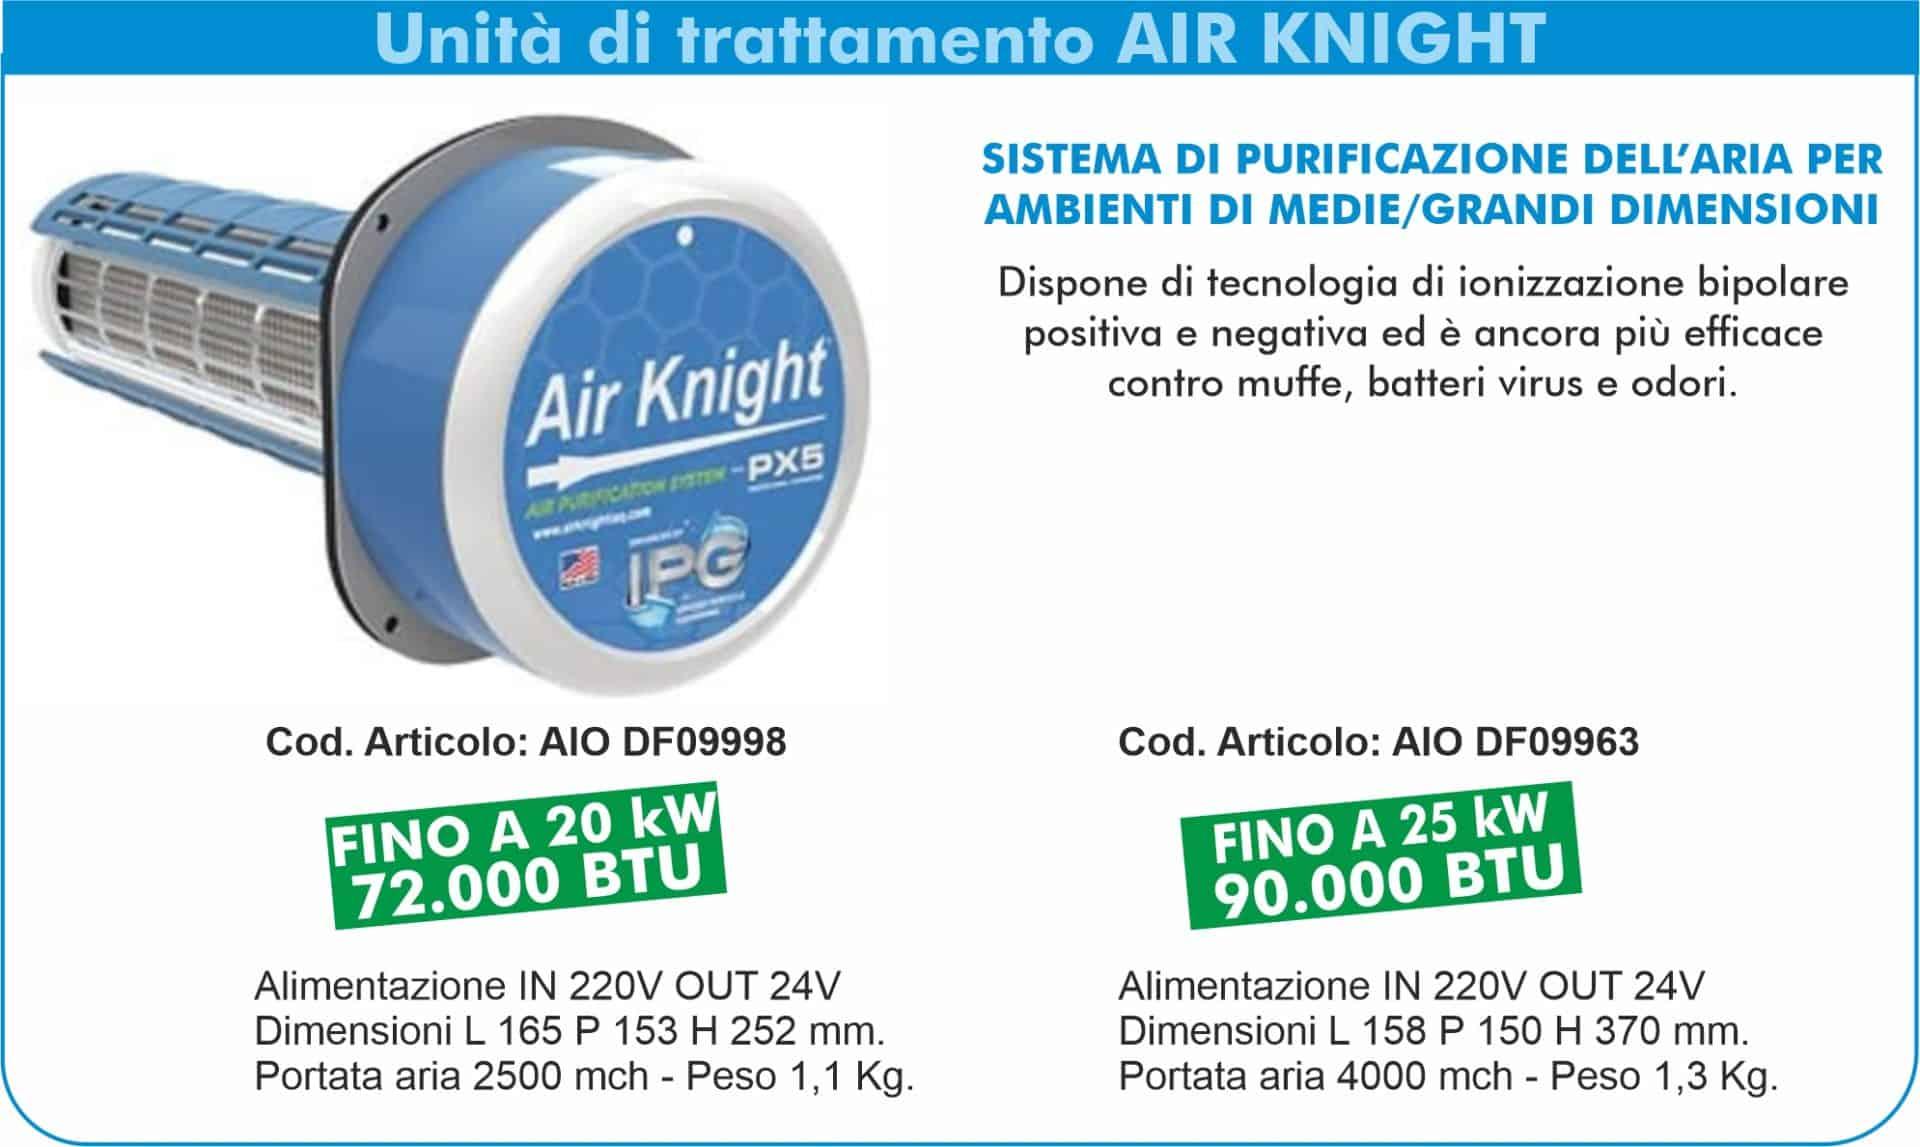 Sistemi di sanificazione attiva Dust Free   Elettrogruppo ZeroUno   TO   unità di trattamento air knight